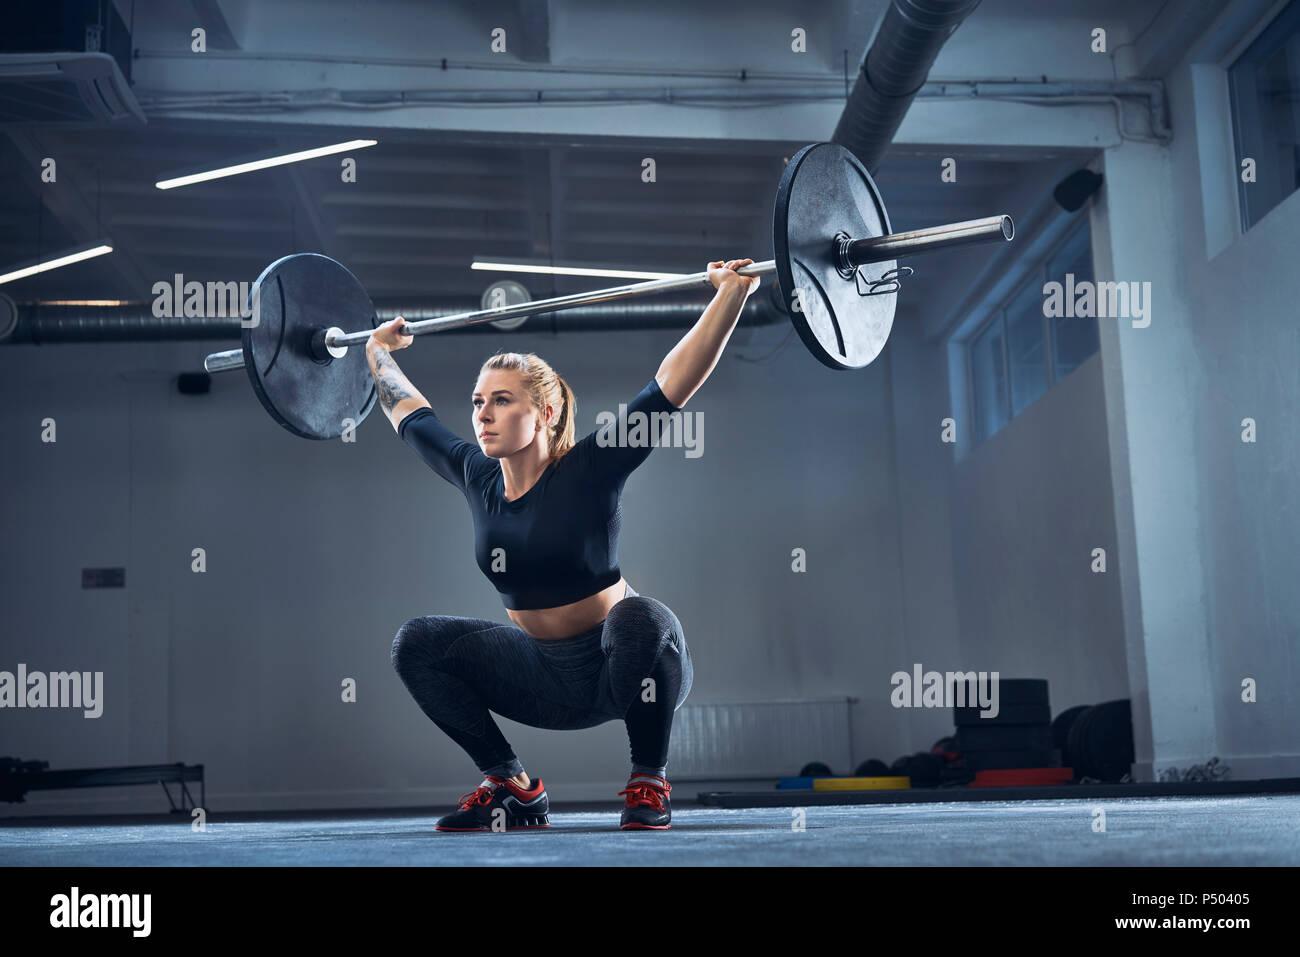 Frau tun Overhead hocke Übung im Fitnessstudio Stockbild